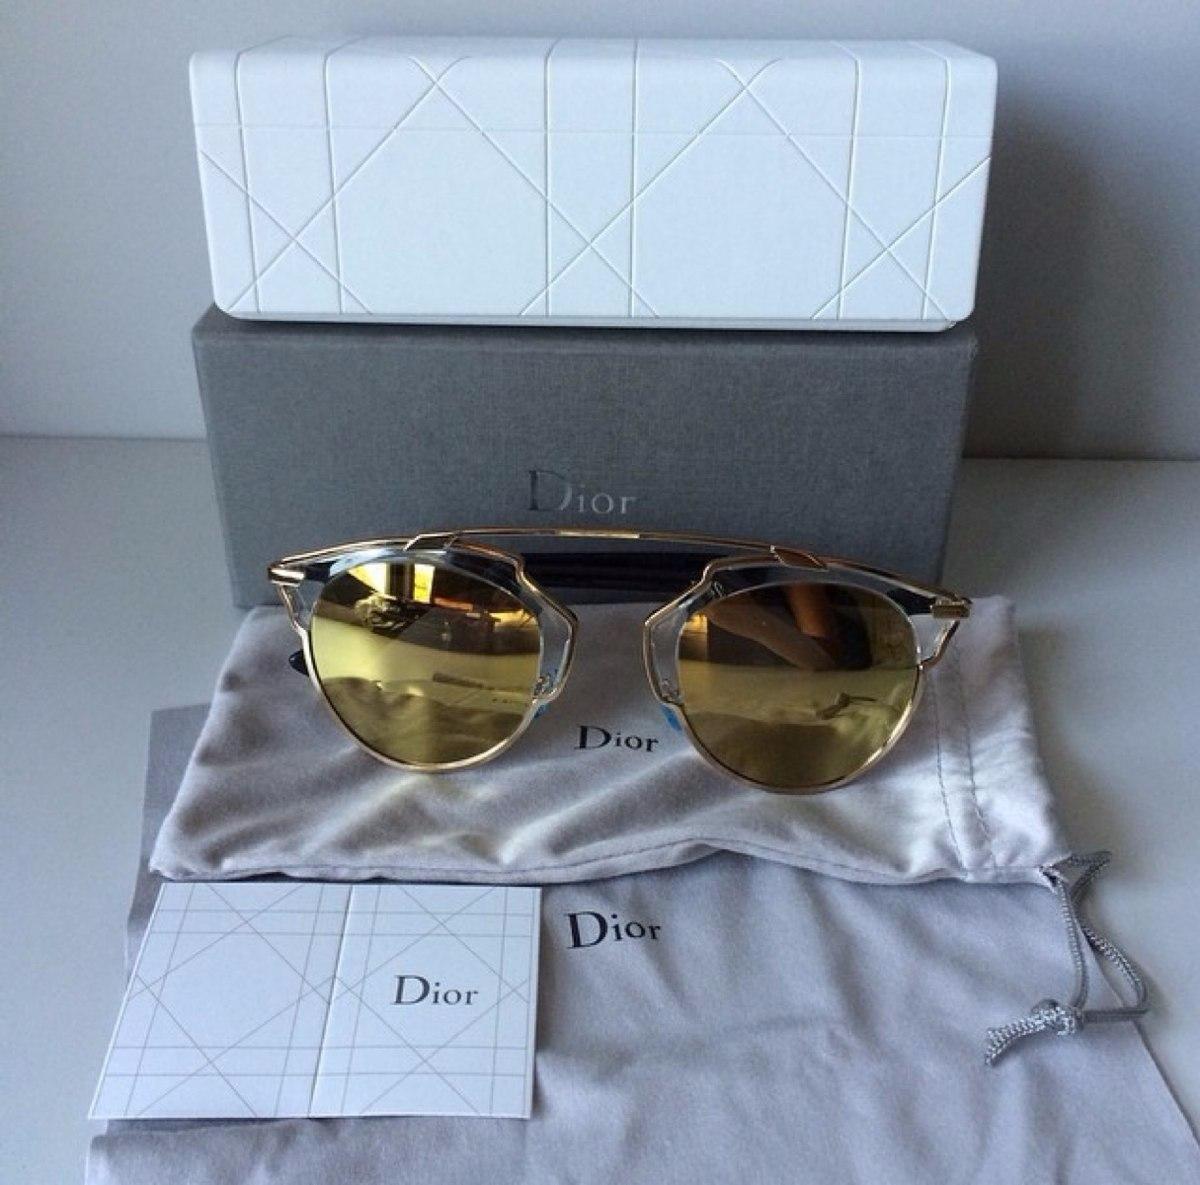 Óculos De Sol Dior So Real Original Gold - R  770,00 em Mercado Livre 2e898d33e0